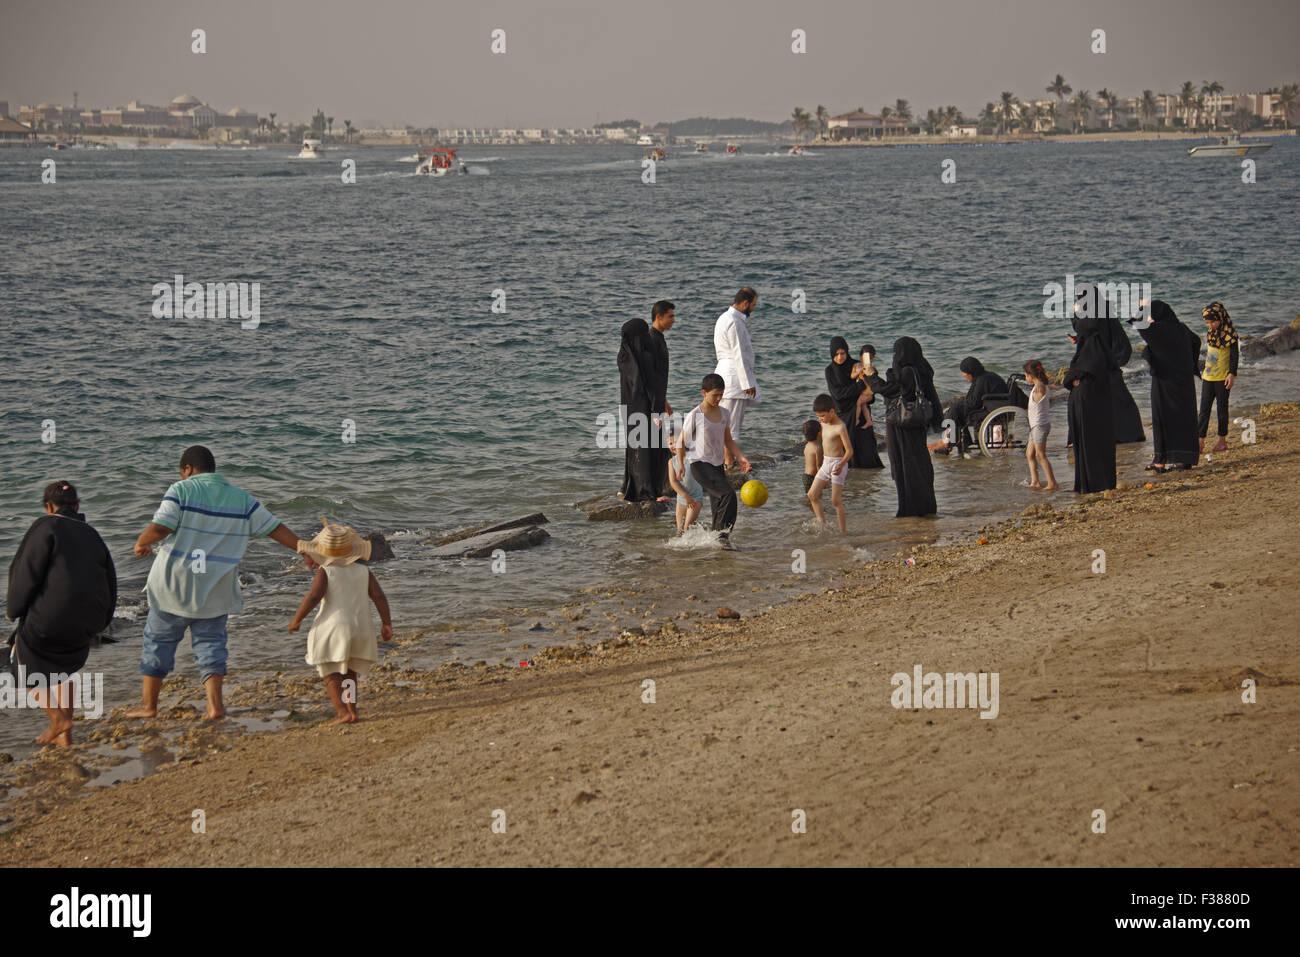 Une scène typique de la Corniche de Djeddah, Arabie saoudite. Les familles se promener la plage de la mer Rouge, Photo Stock